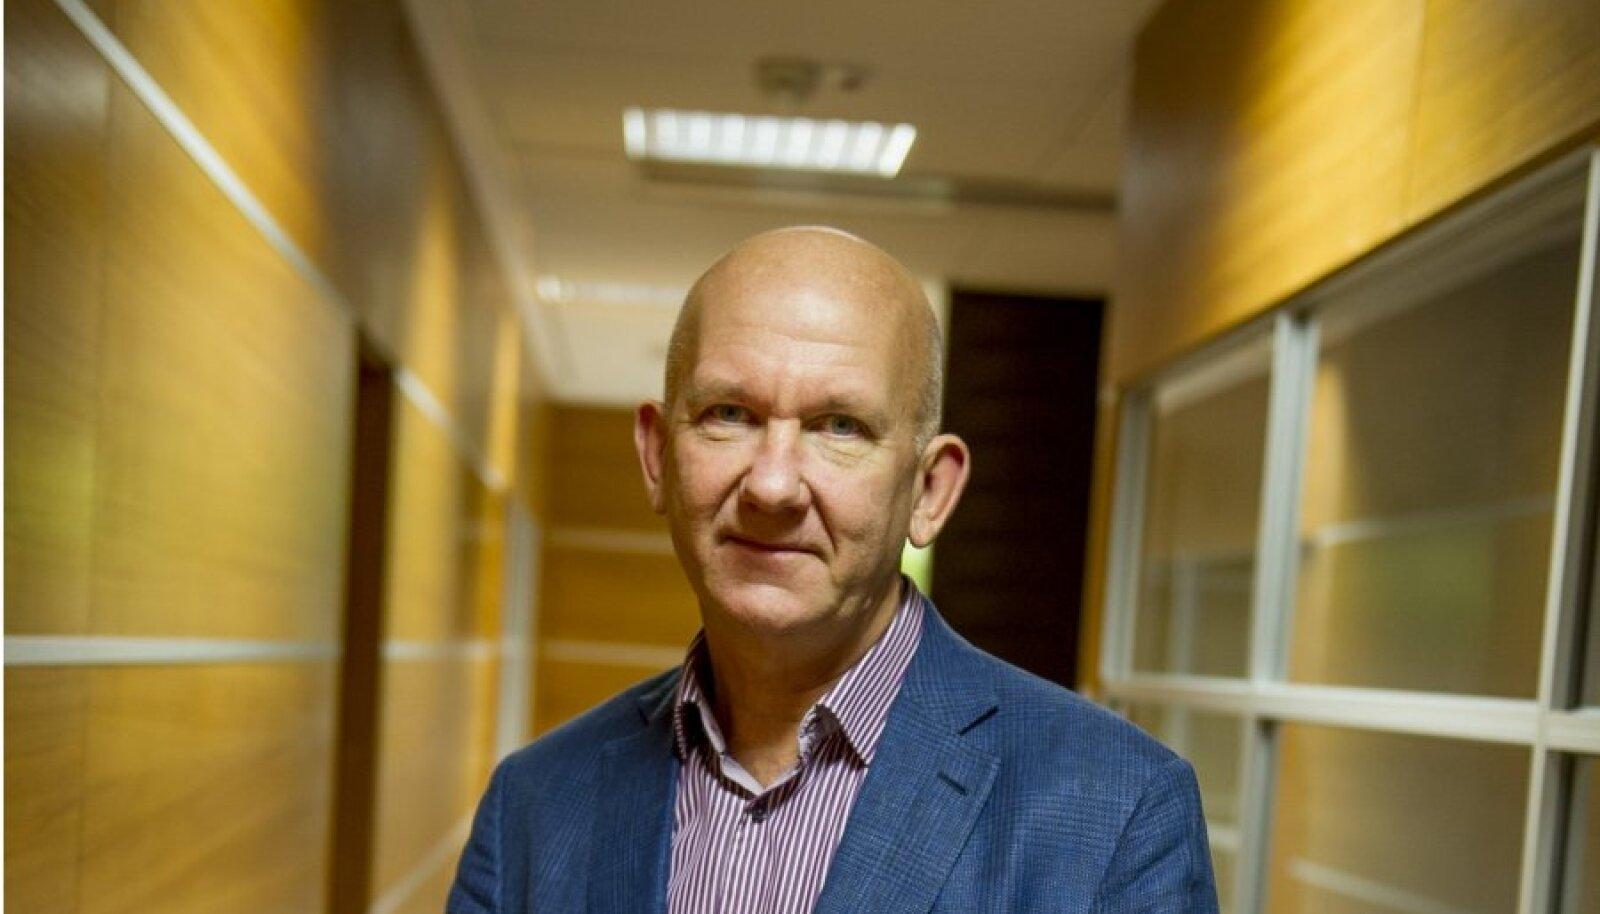 Ehitusfirma Rand & Tuulberg nõukogu liige Raivo Rand leiab, et riik võiks soodsate üürikorterite ehitamisele kaasa aidata.